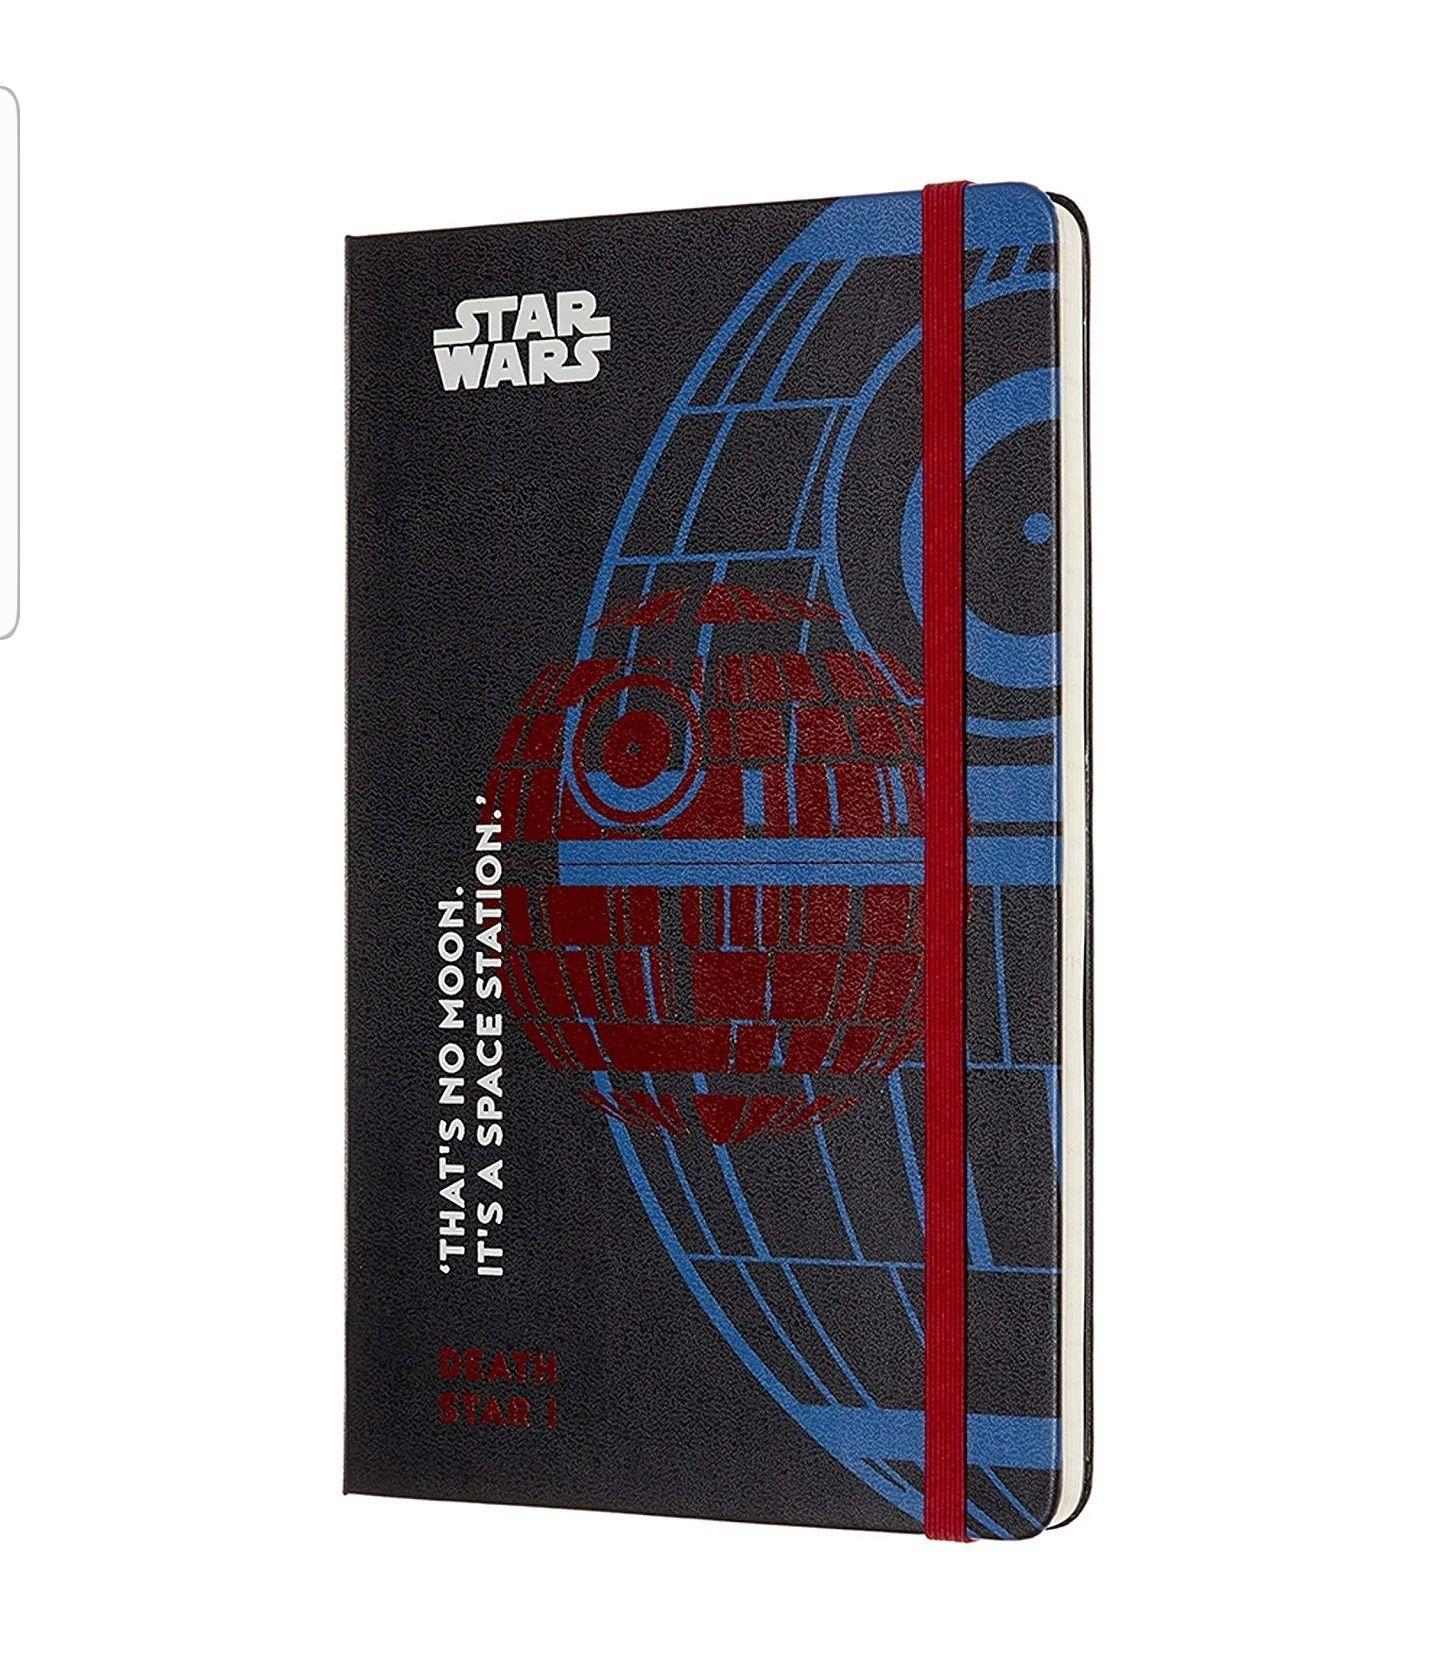 Moleskine Star Wars edición limitada